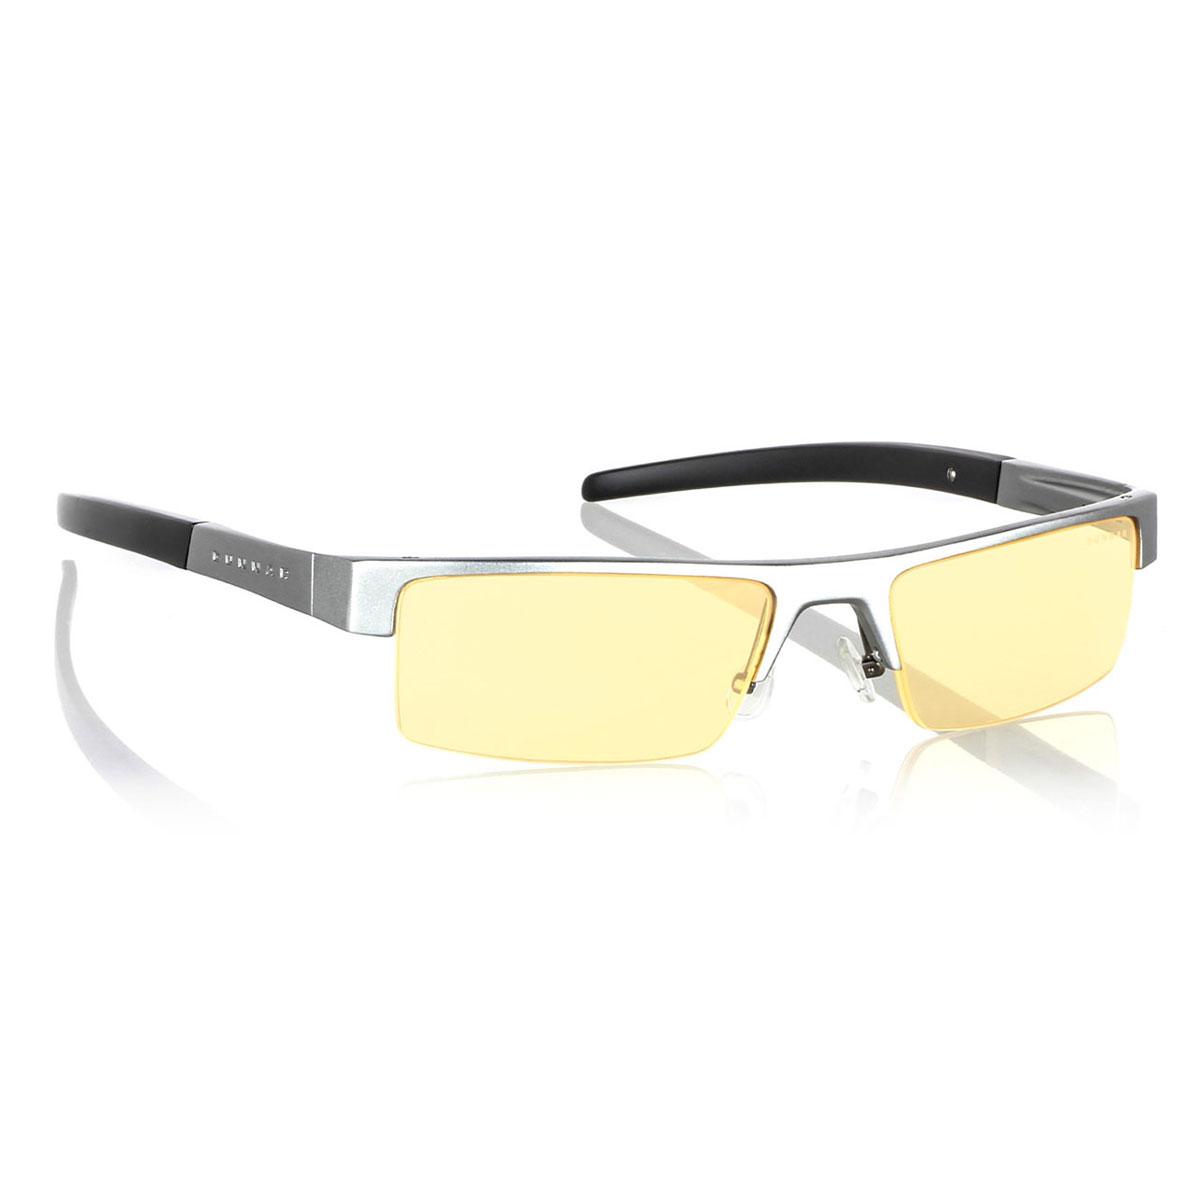 Lunettes de protection GUNNAR Epoch (Gunmetal) Lunettes de confort oculaire pour la bureautique